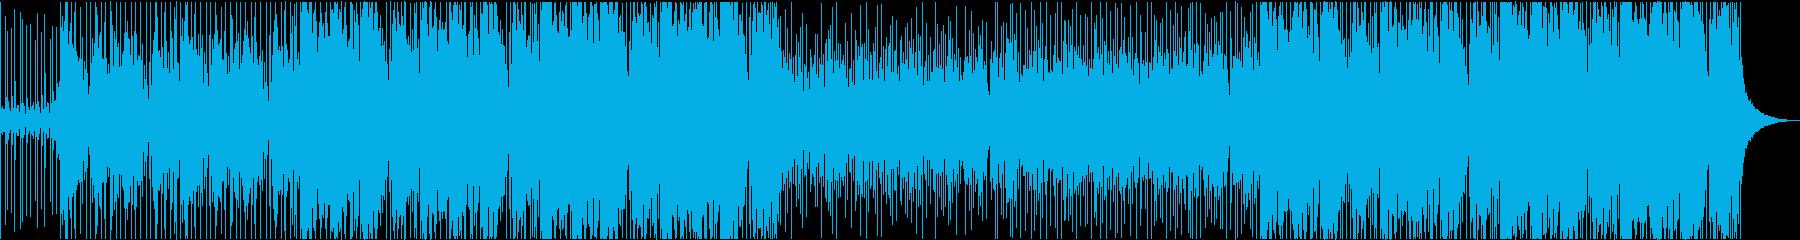 オリエンタルバックグラウンドトラックの再生済みの波形